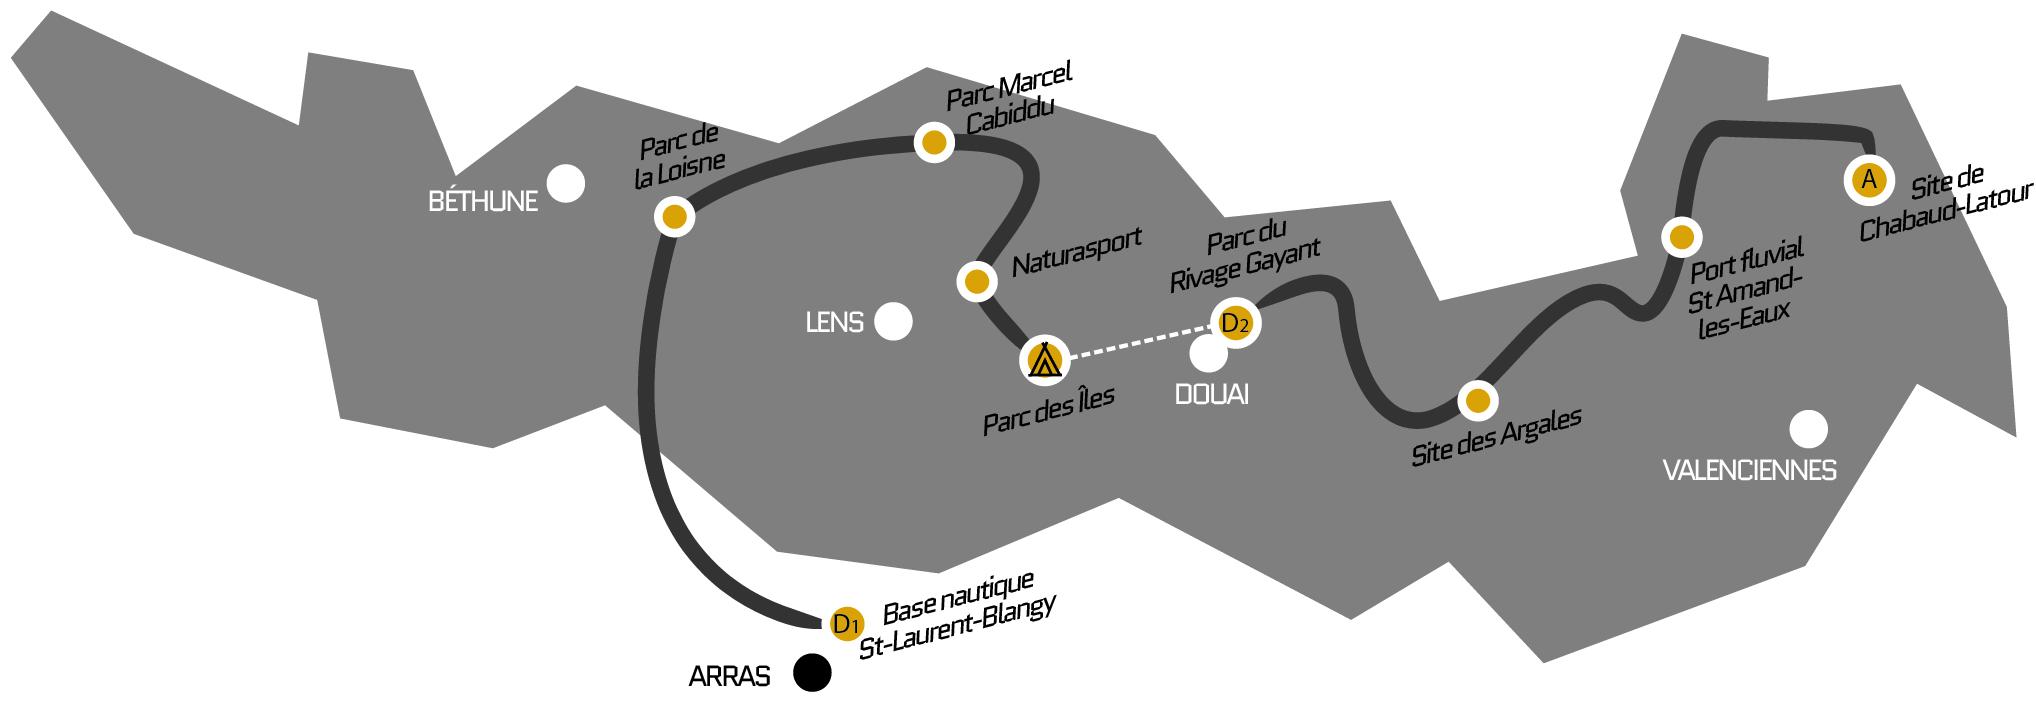 carte schema 2014-01